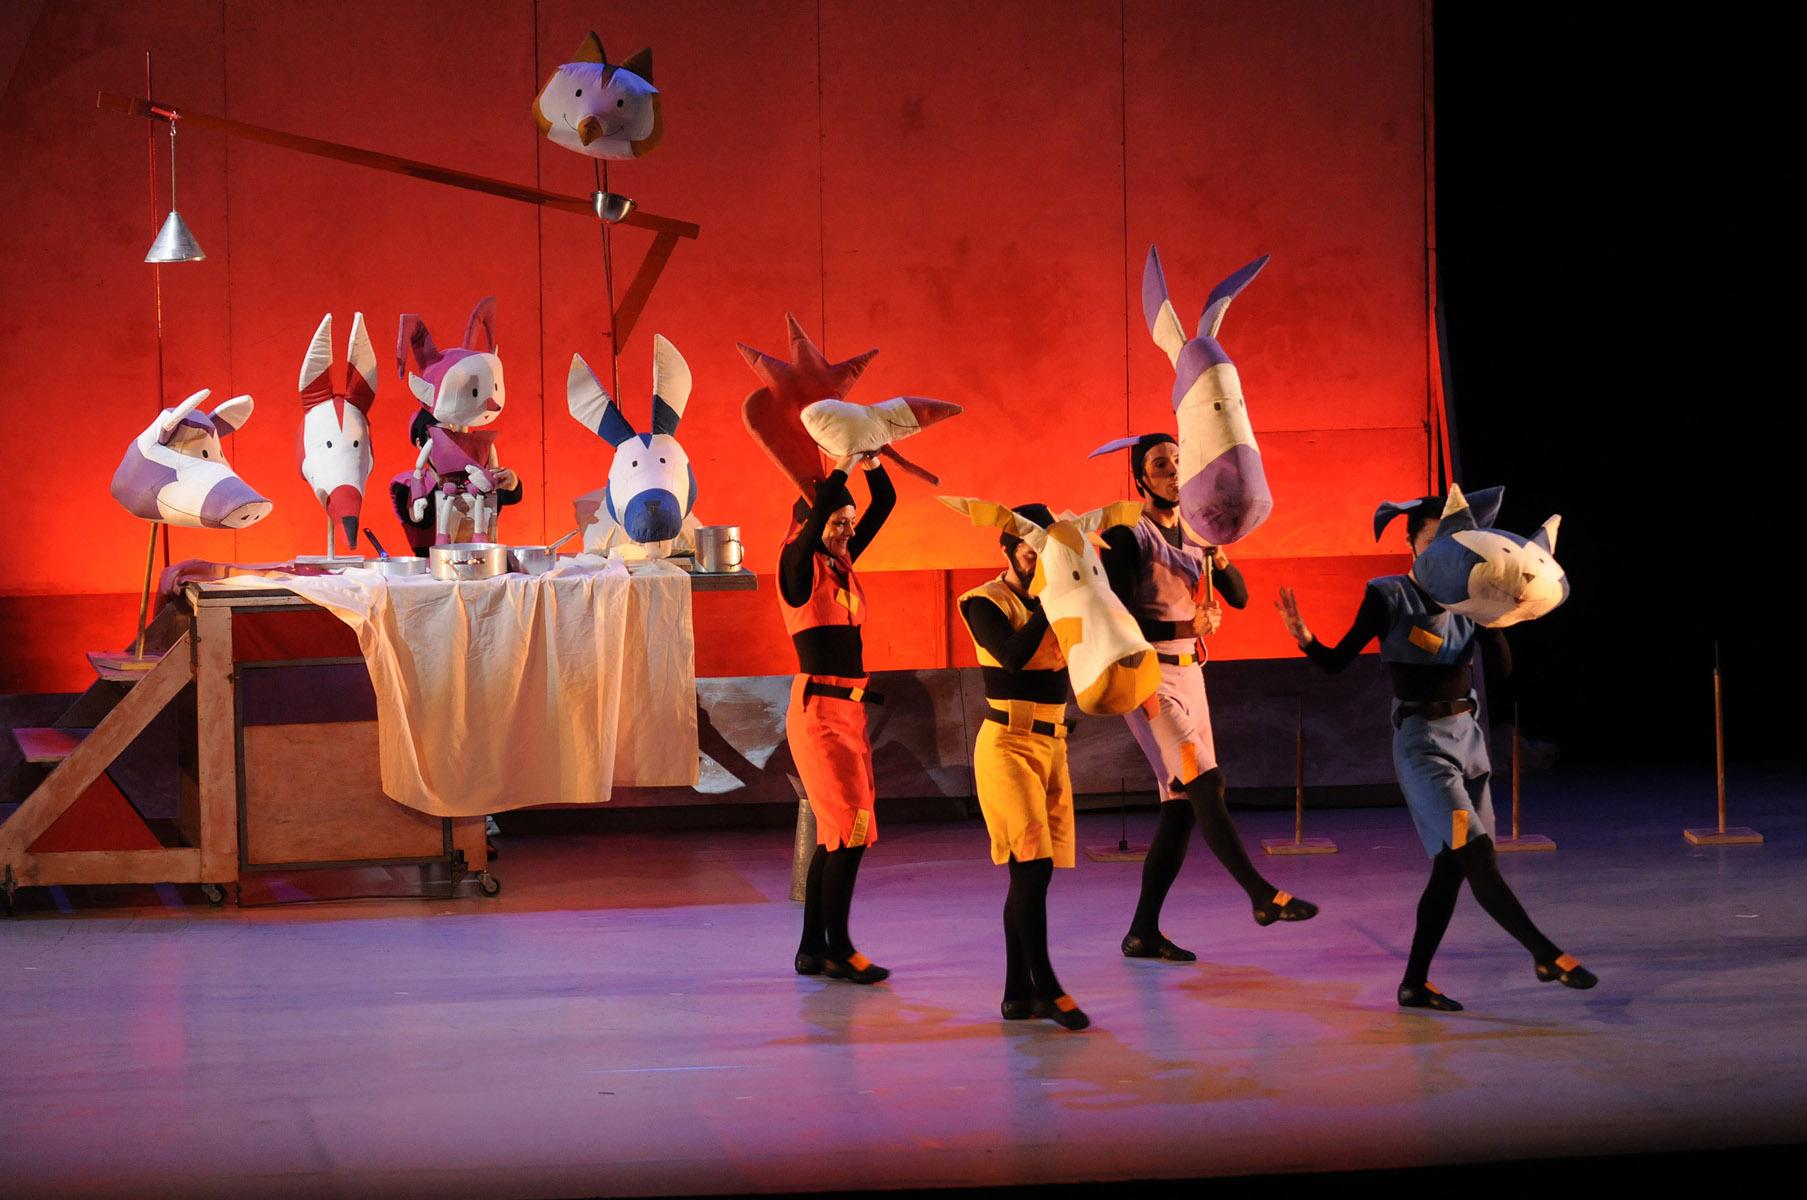 Espectáculo 'Els músics de Bremen' en Gran Teatre del Liceu (Barcelona)